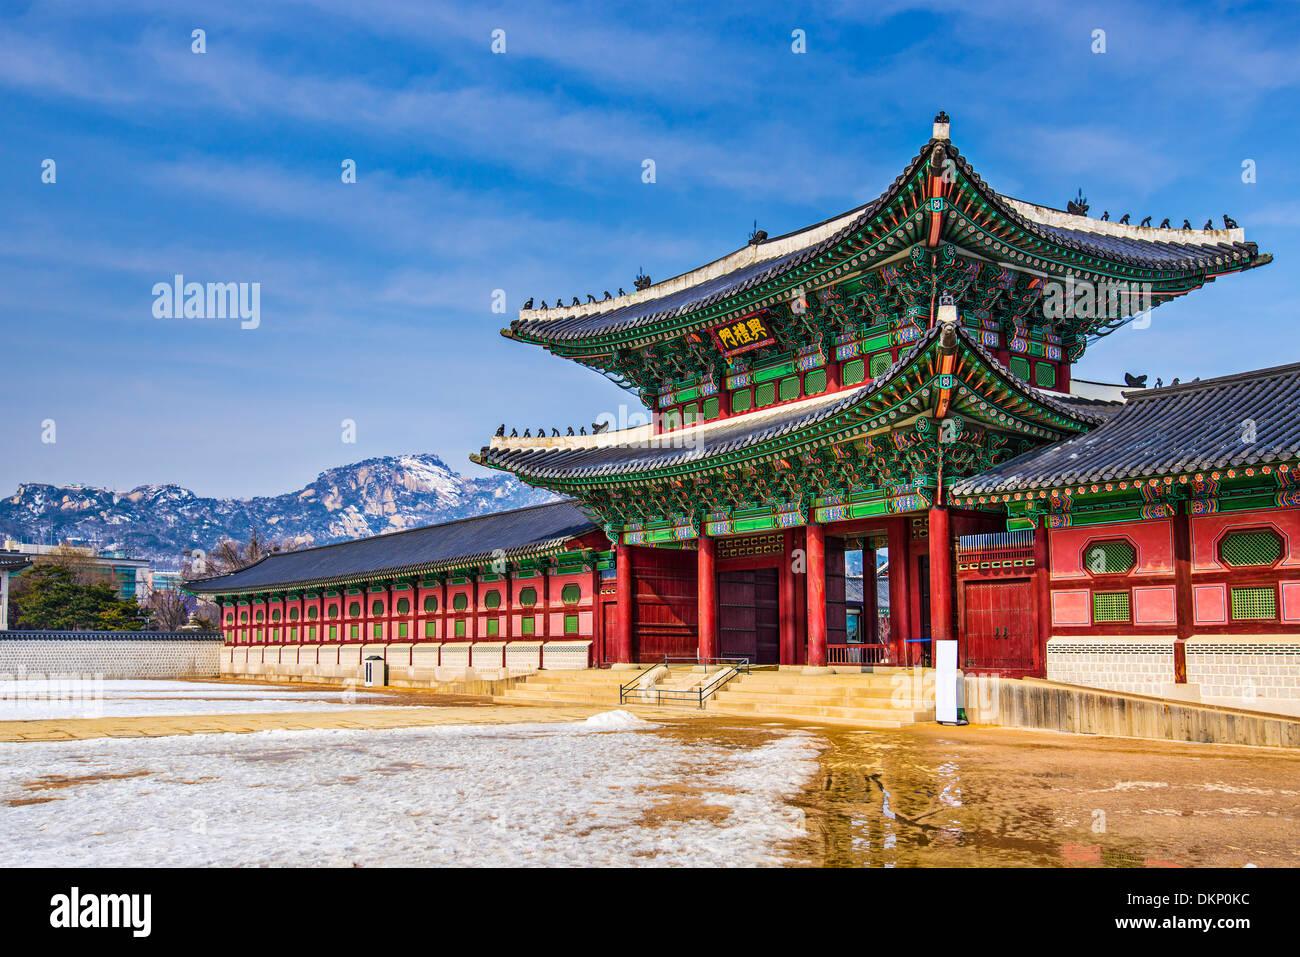 Gyeongbokgung Palace motif à Séoul, Corée du Sud. Photo Stock